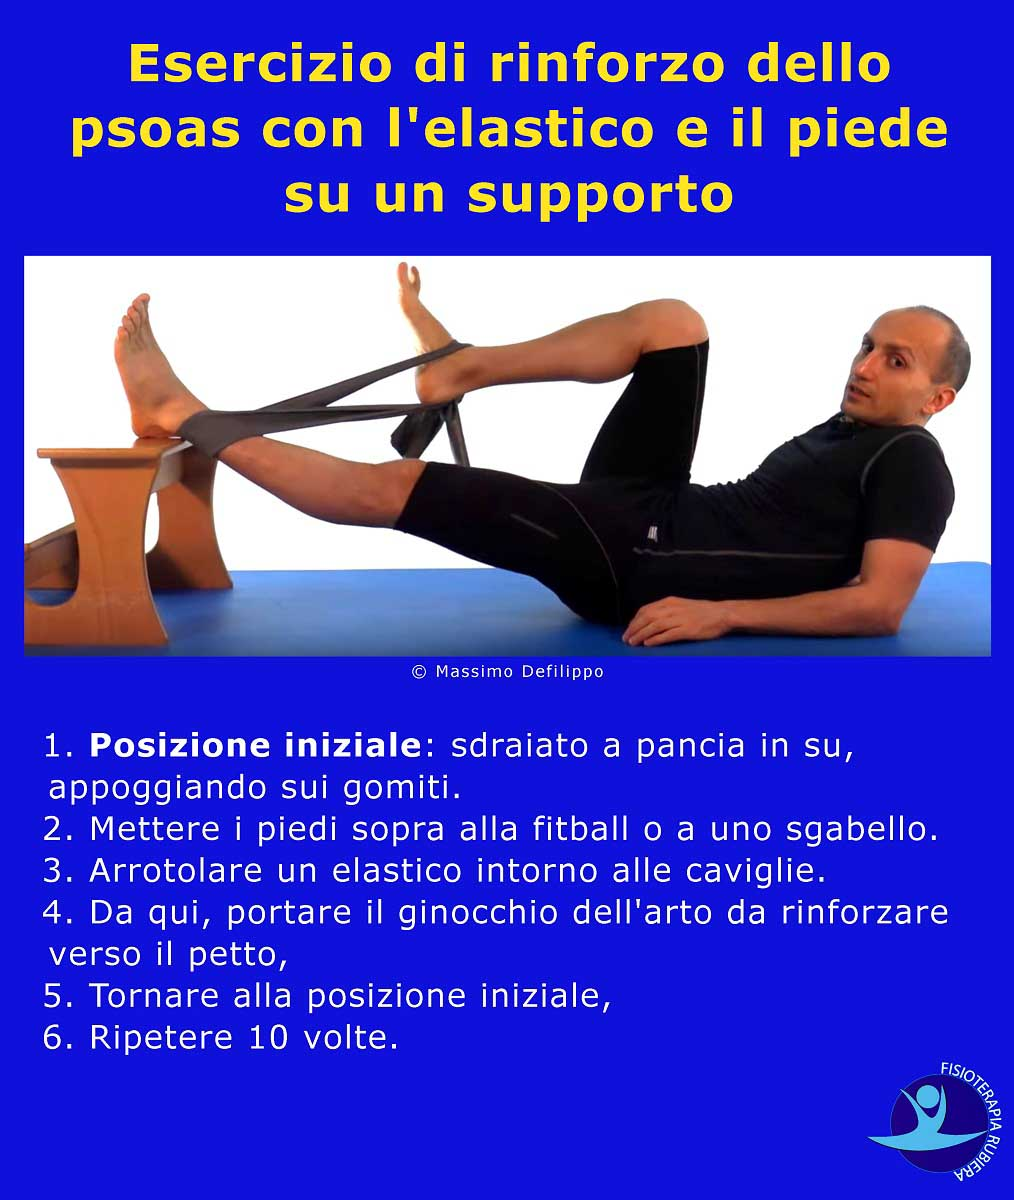 Esercizio-di-rinforzo-dello-psoas-con-elastico-e-il-piede-su-un-supporto